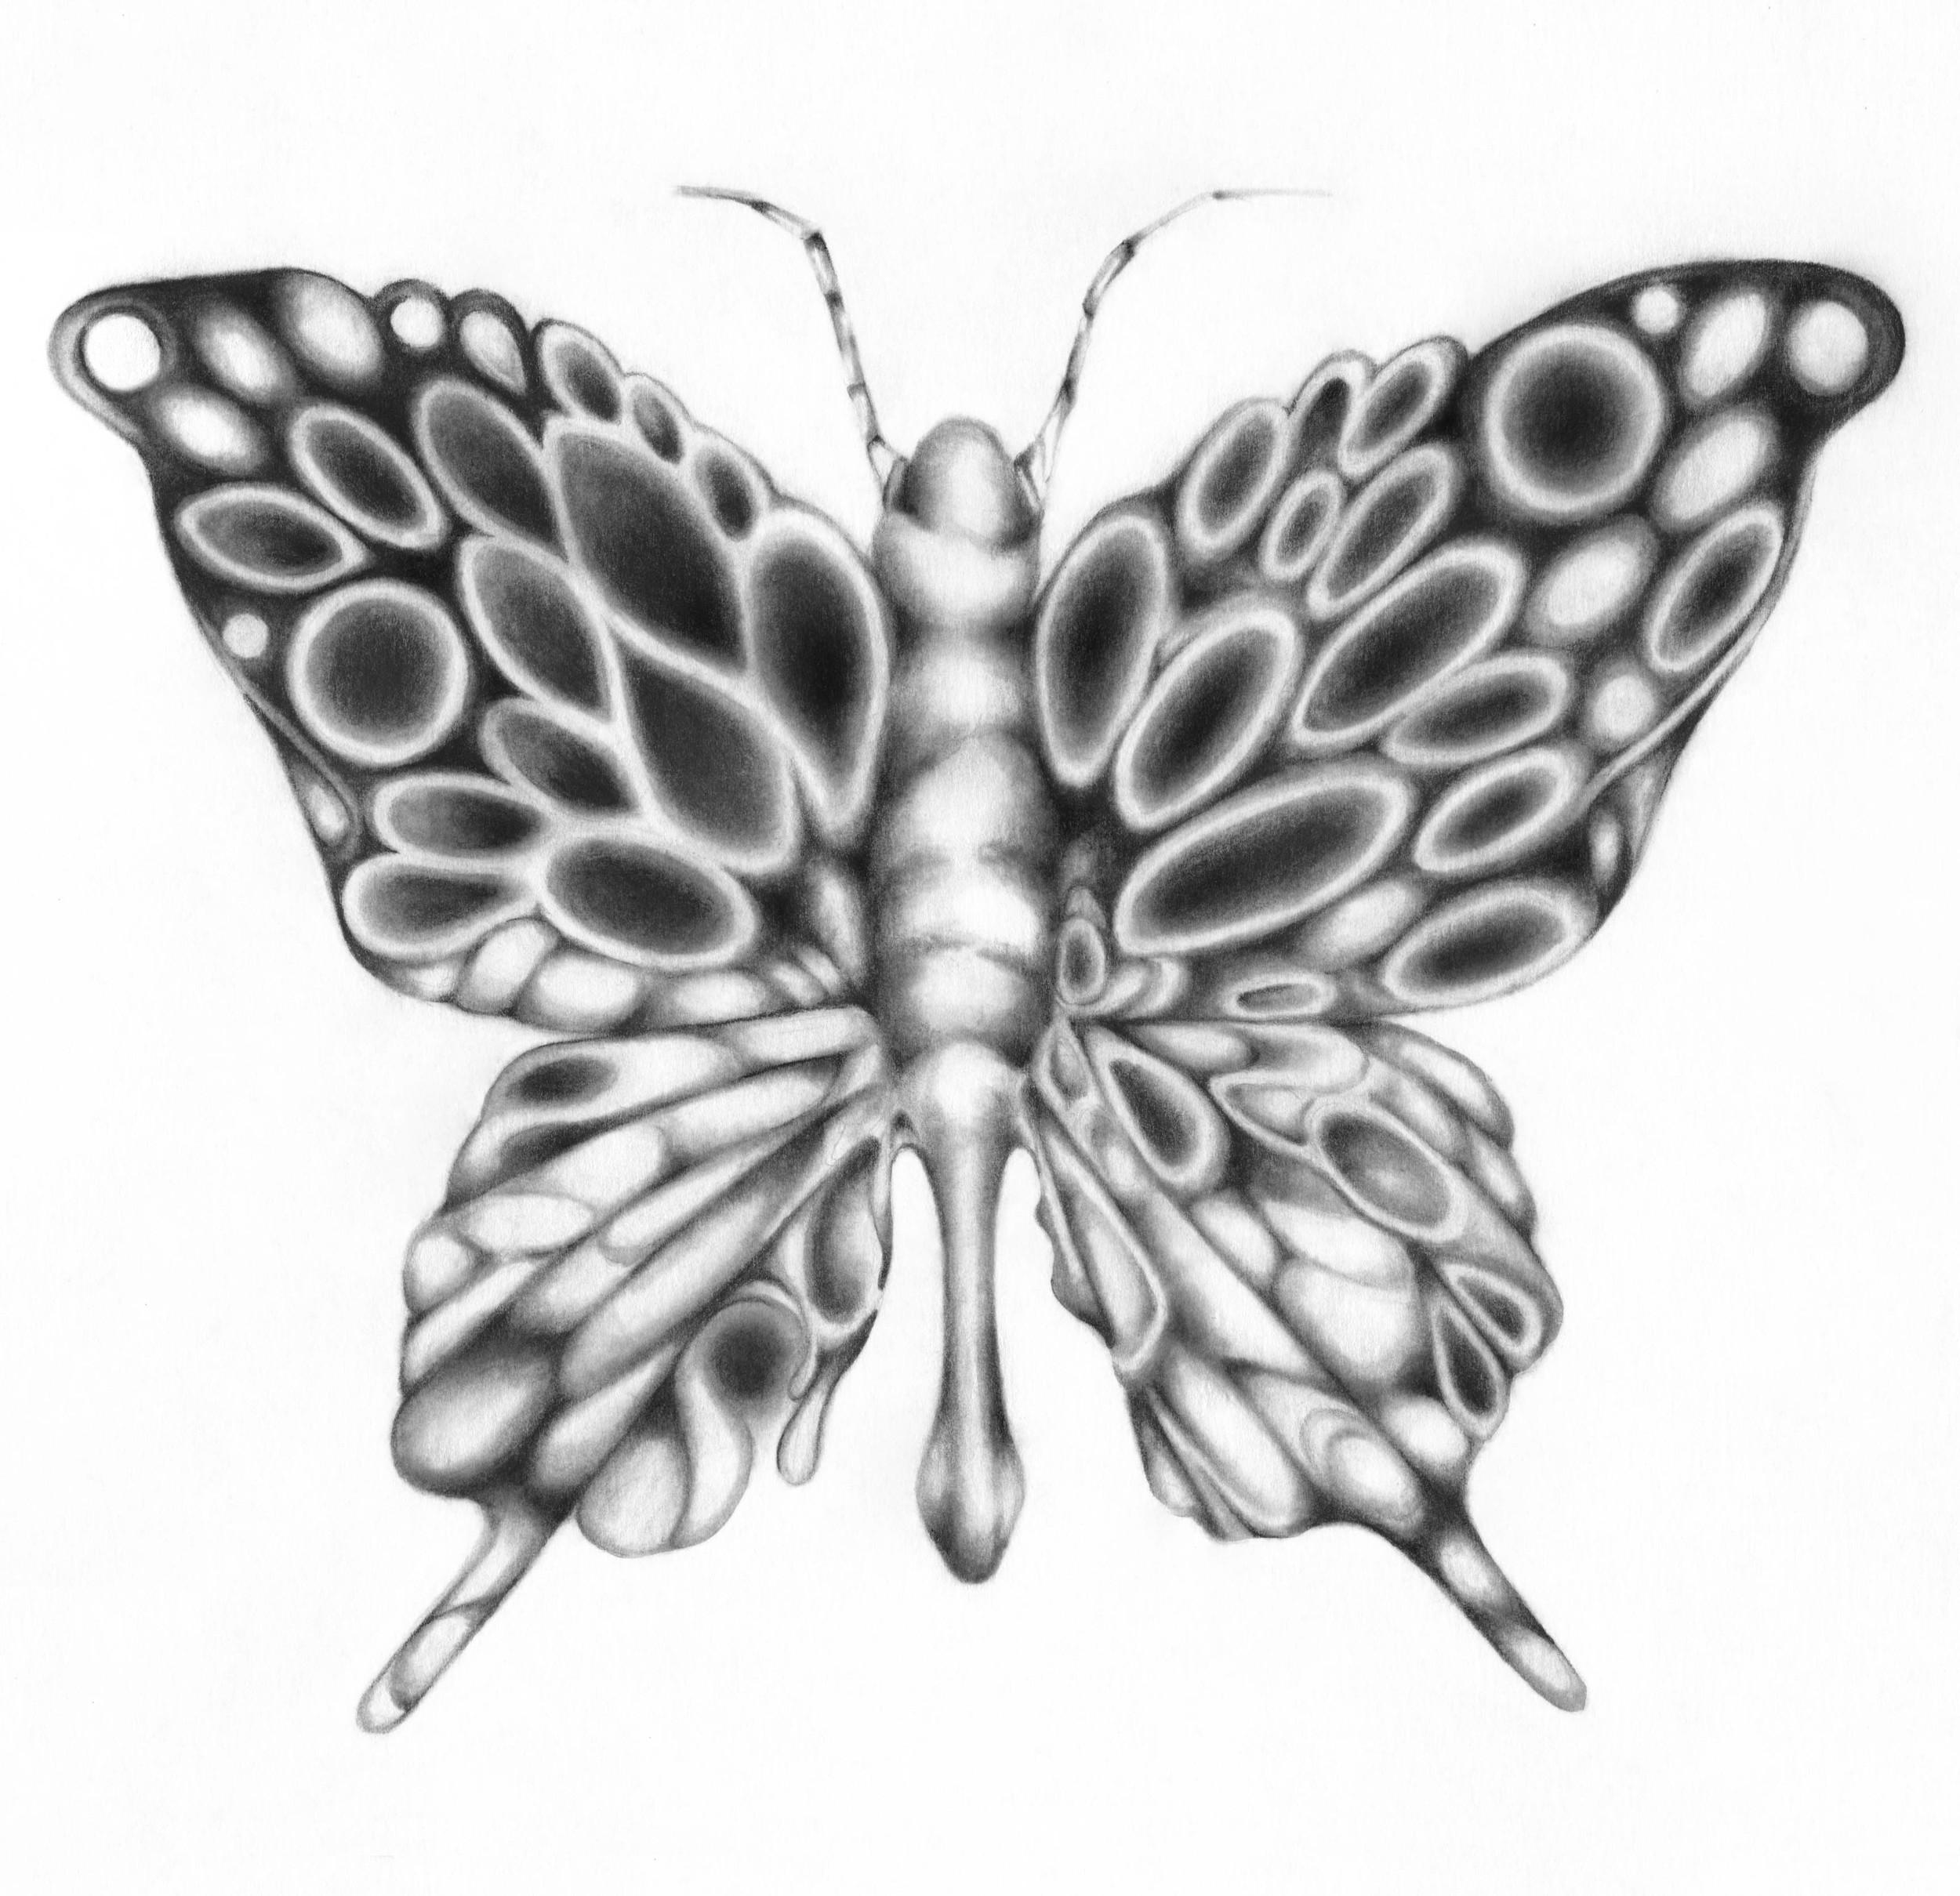 Butterfly_Illustration_Adrianna_Grezak